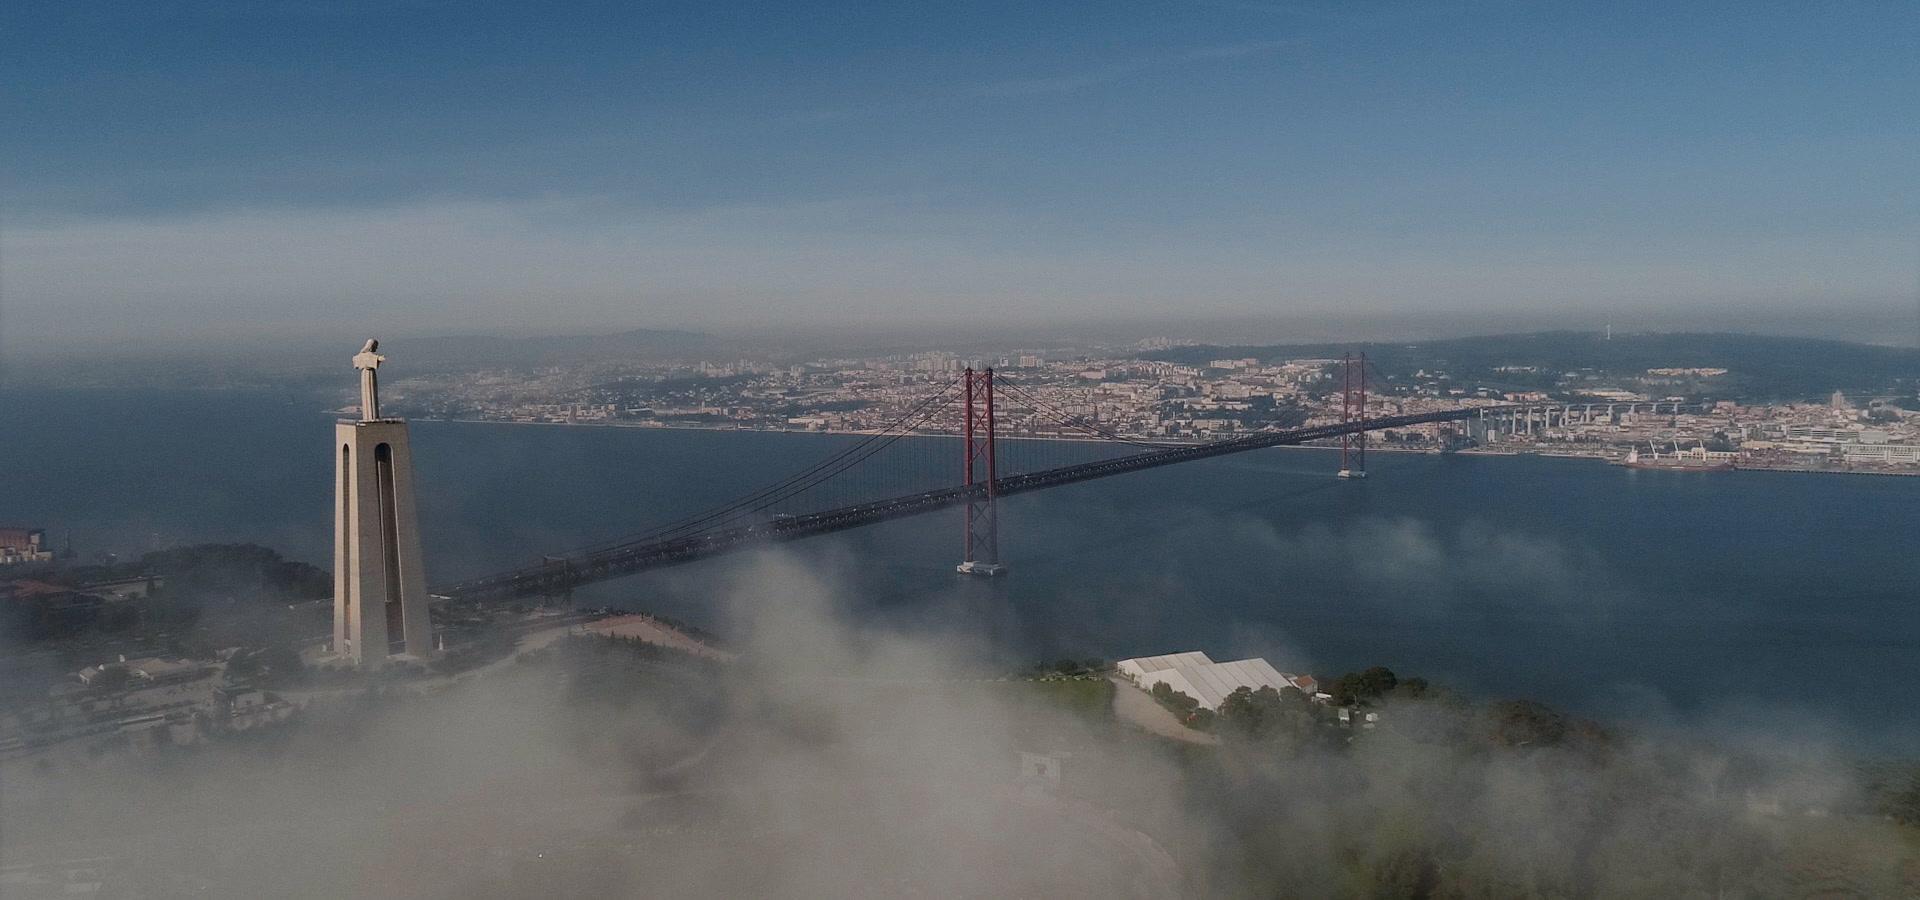 Tasnim + Zeeshan | Estoril, Portugal | Forte da Cruz